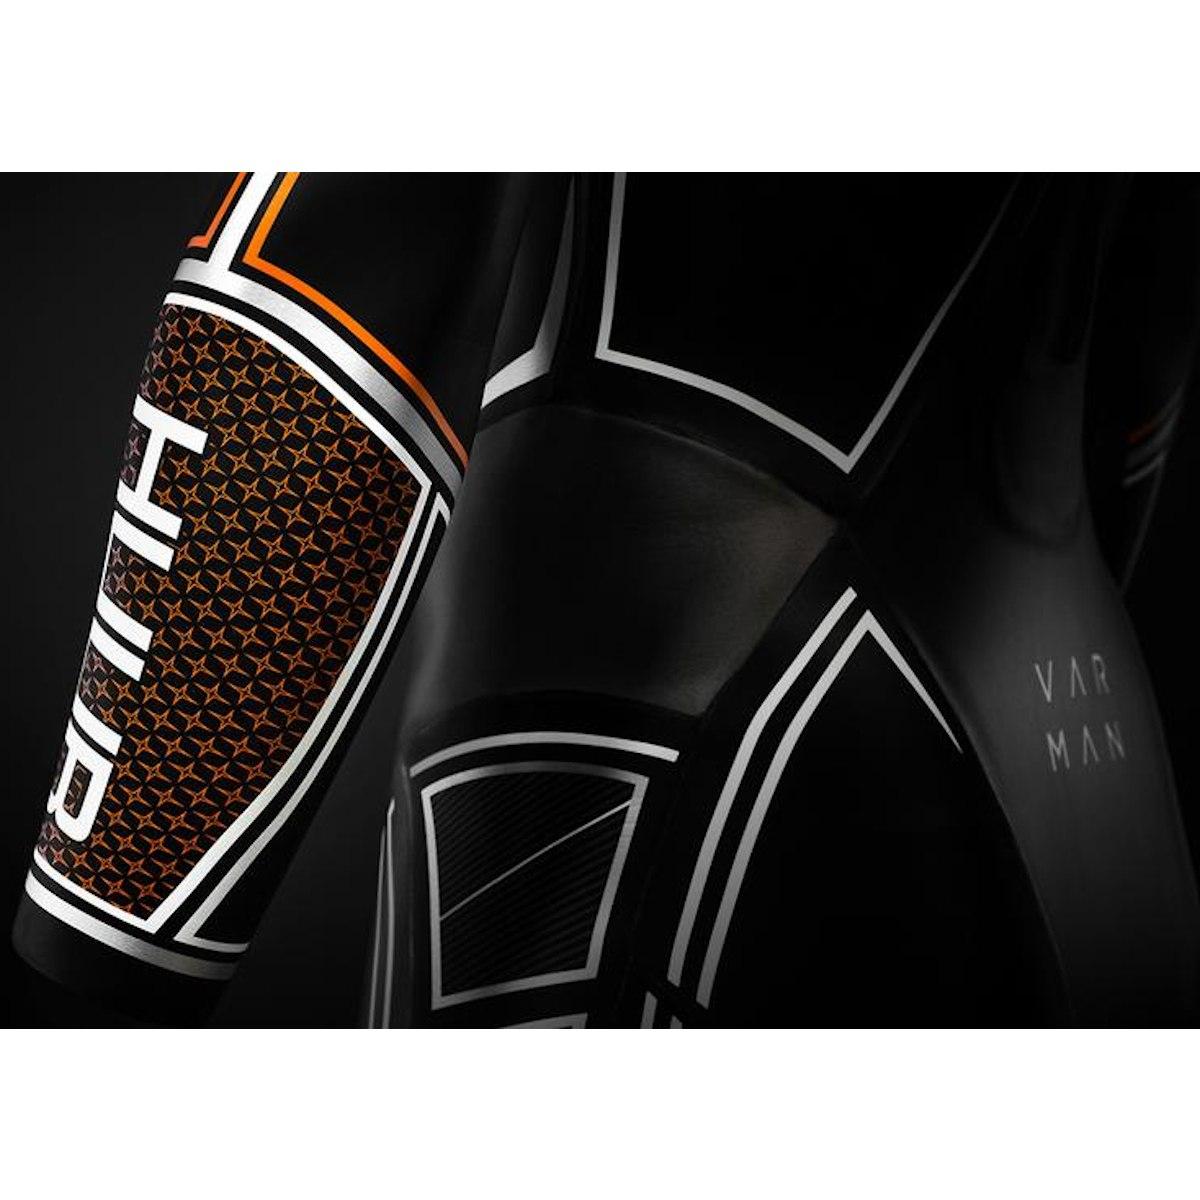 Bild von HUUB Design Varman 3:5 Triathlon Wetsuit Neoprenanzug - schwarz/orange